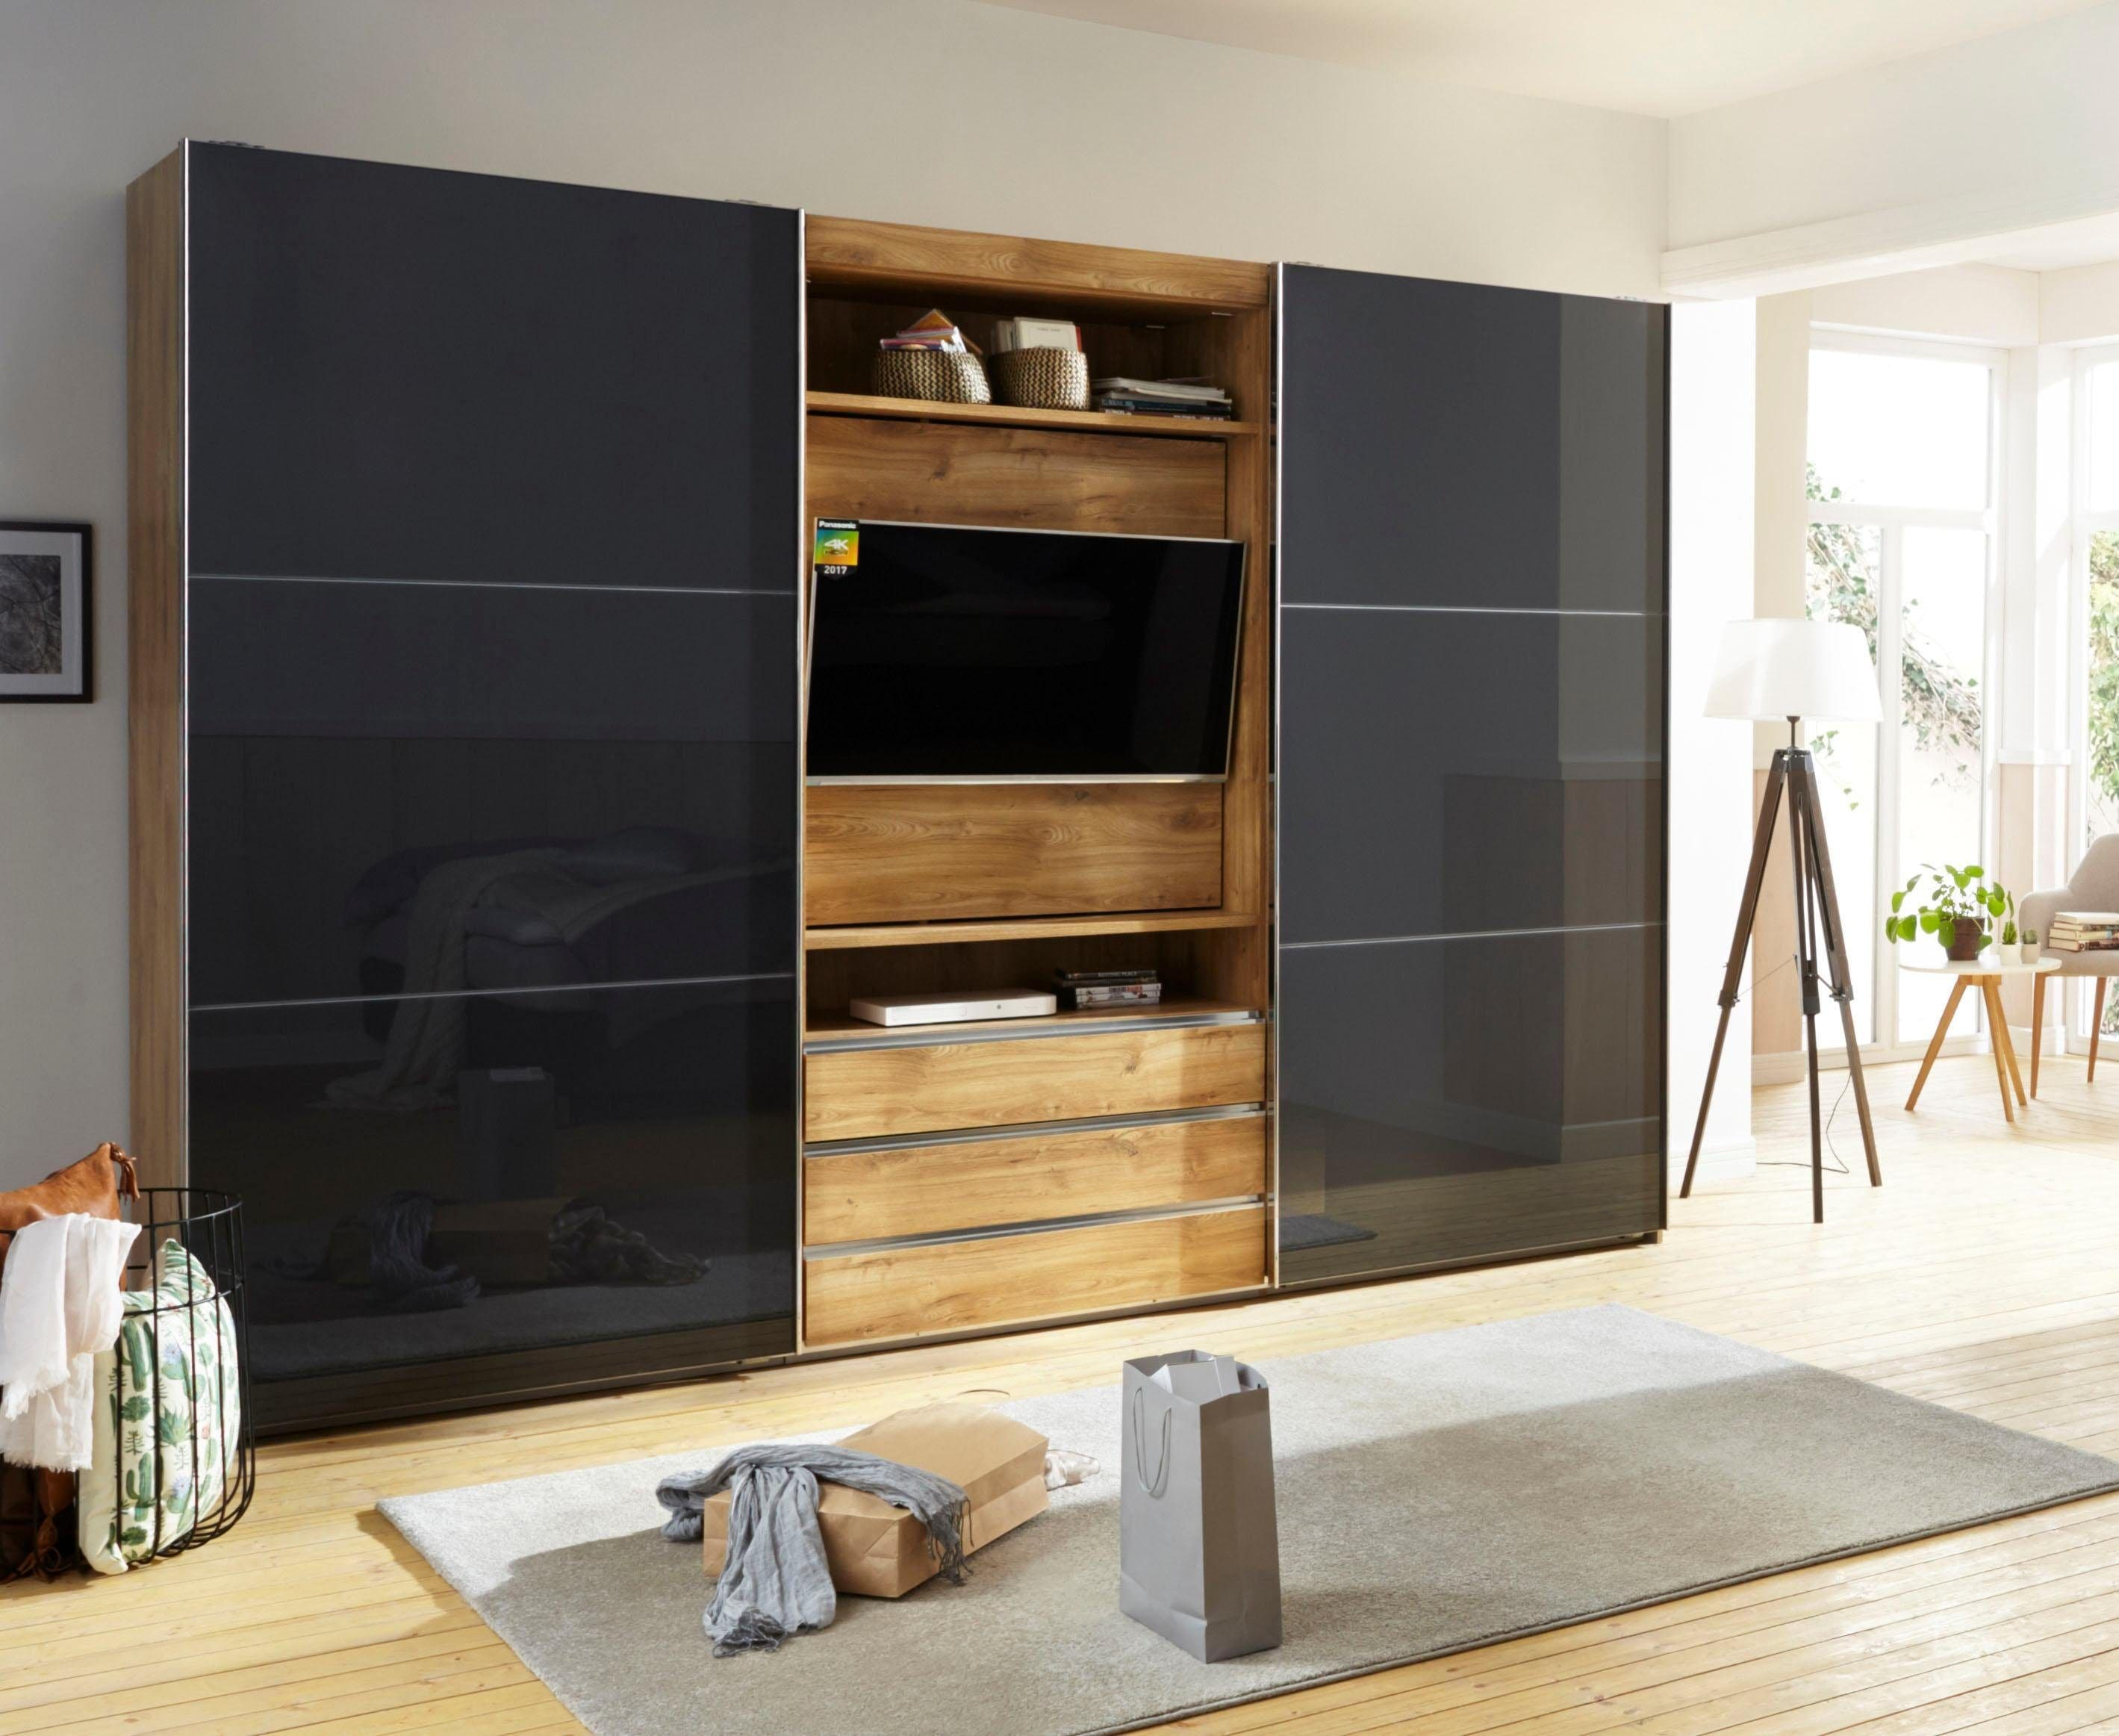 Fresh To Go Schwebetürenschrank »Magic«, mit drehbaren TV-Element